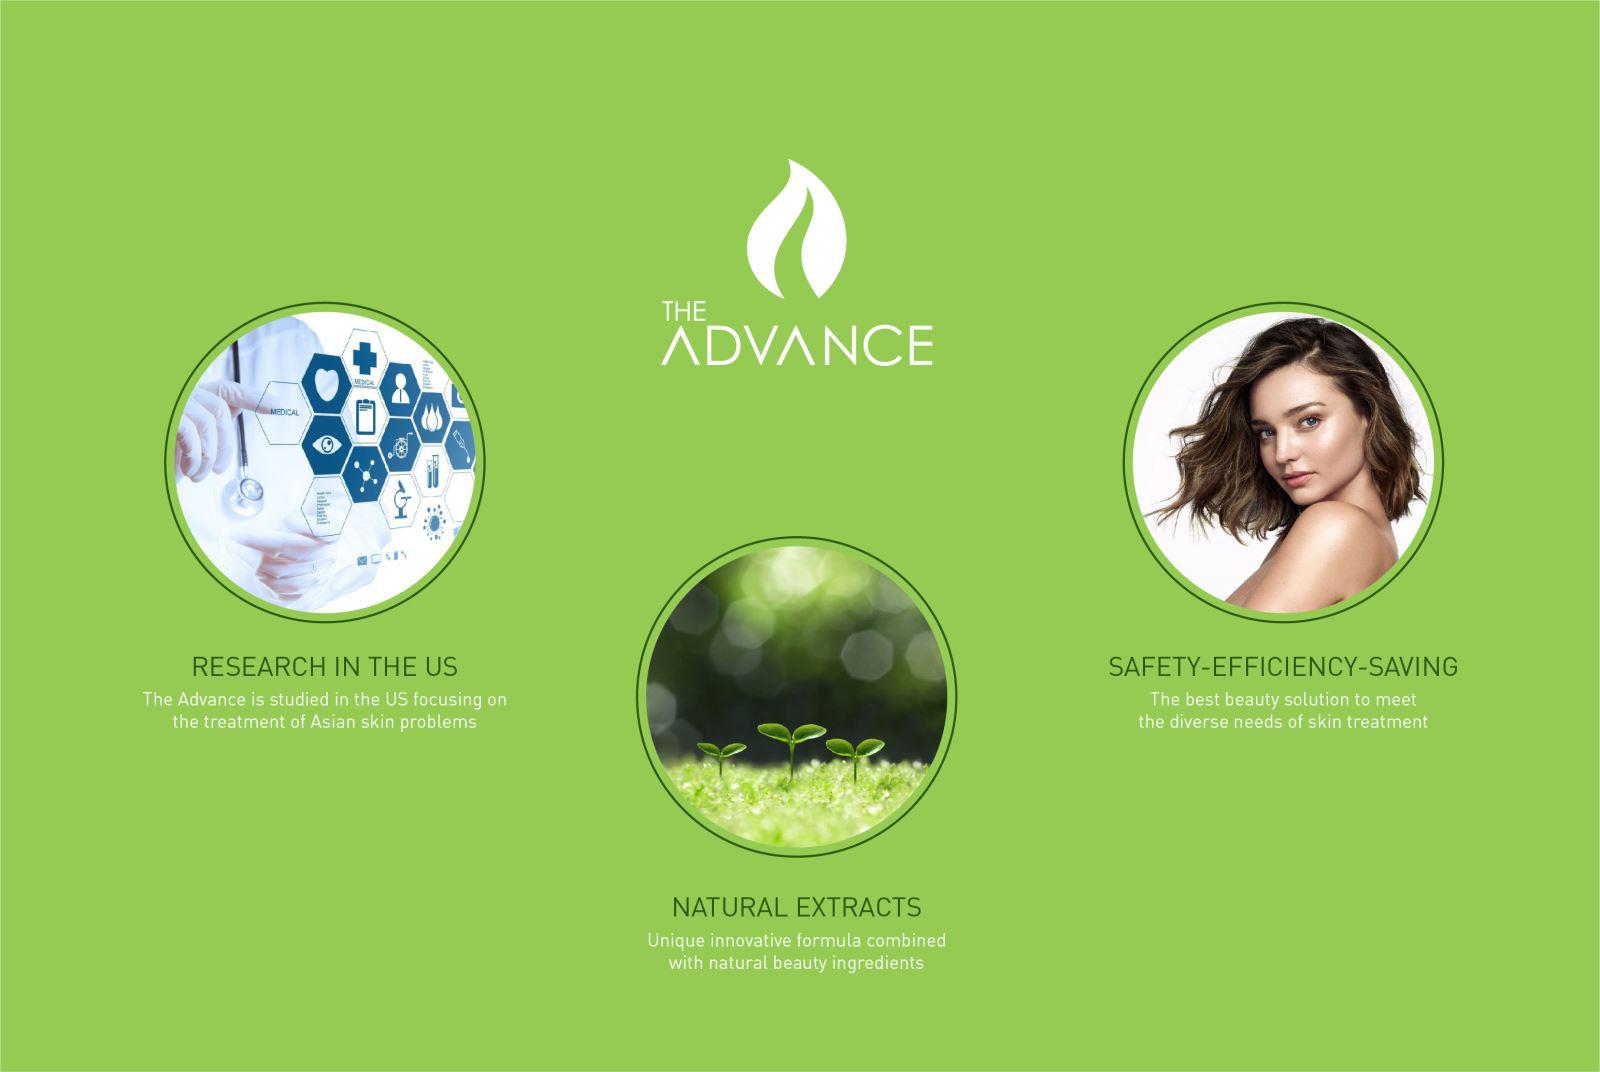 Xu hướng sử dụng dược mỹ phẩm thay thế mỹ phẩm thông thường của phụ nữ hiện đại - Ảnh 1.